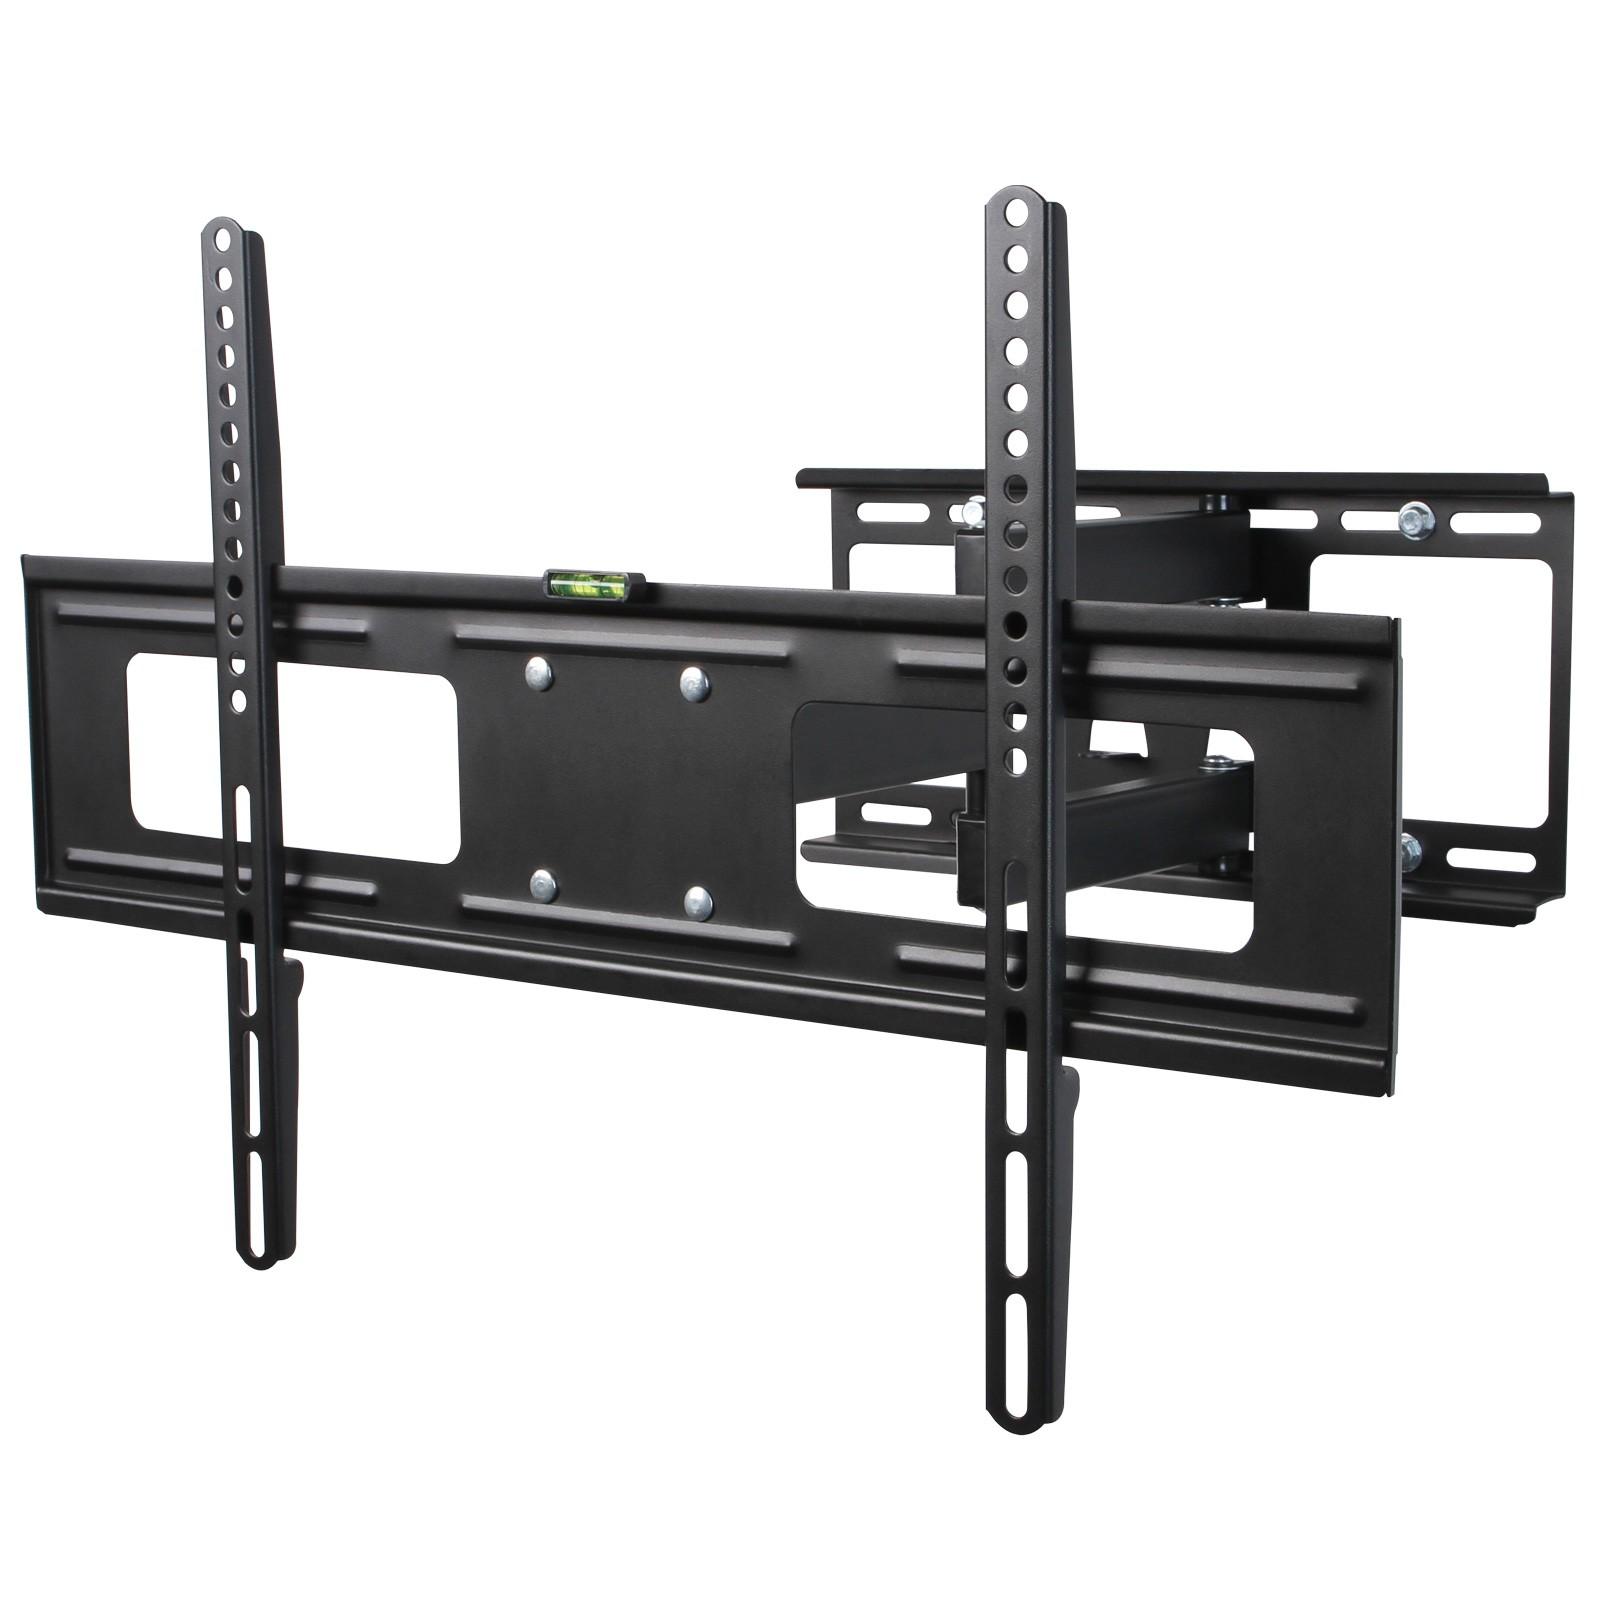 Wandhalterung f r flachbildfernseher ausziehbar 32 65 mit - Wandhalterung fur tv gerate ...